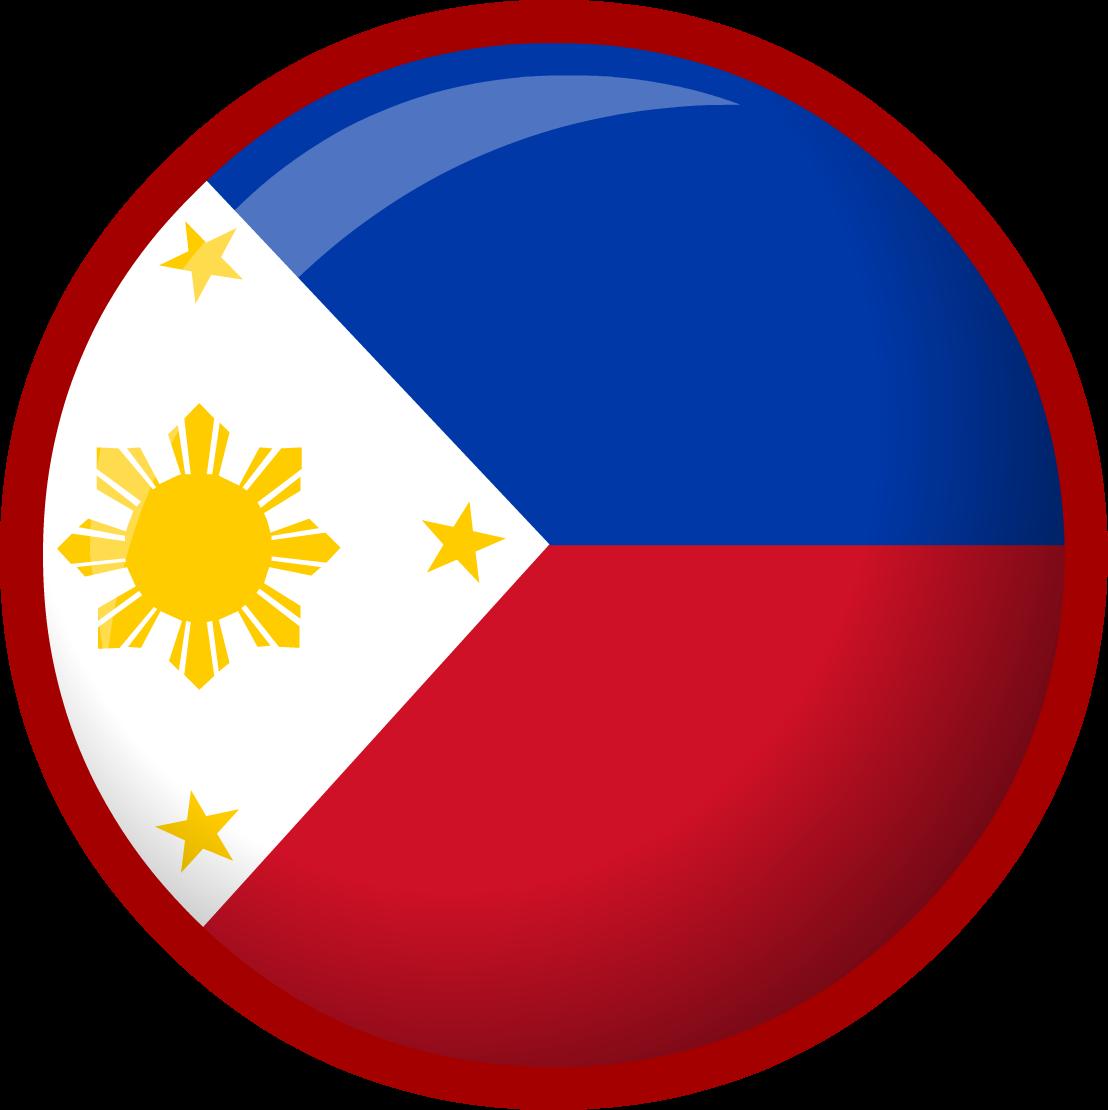 Philippines (PH)